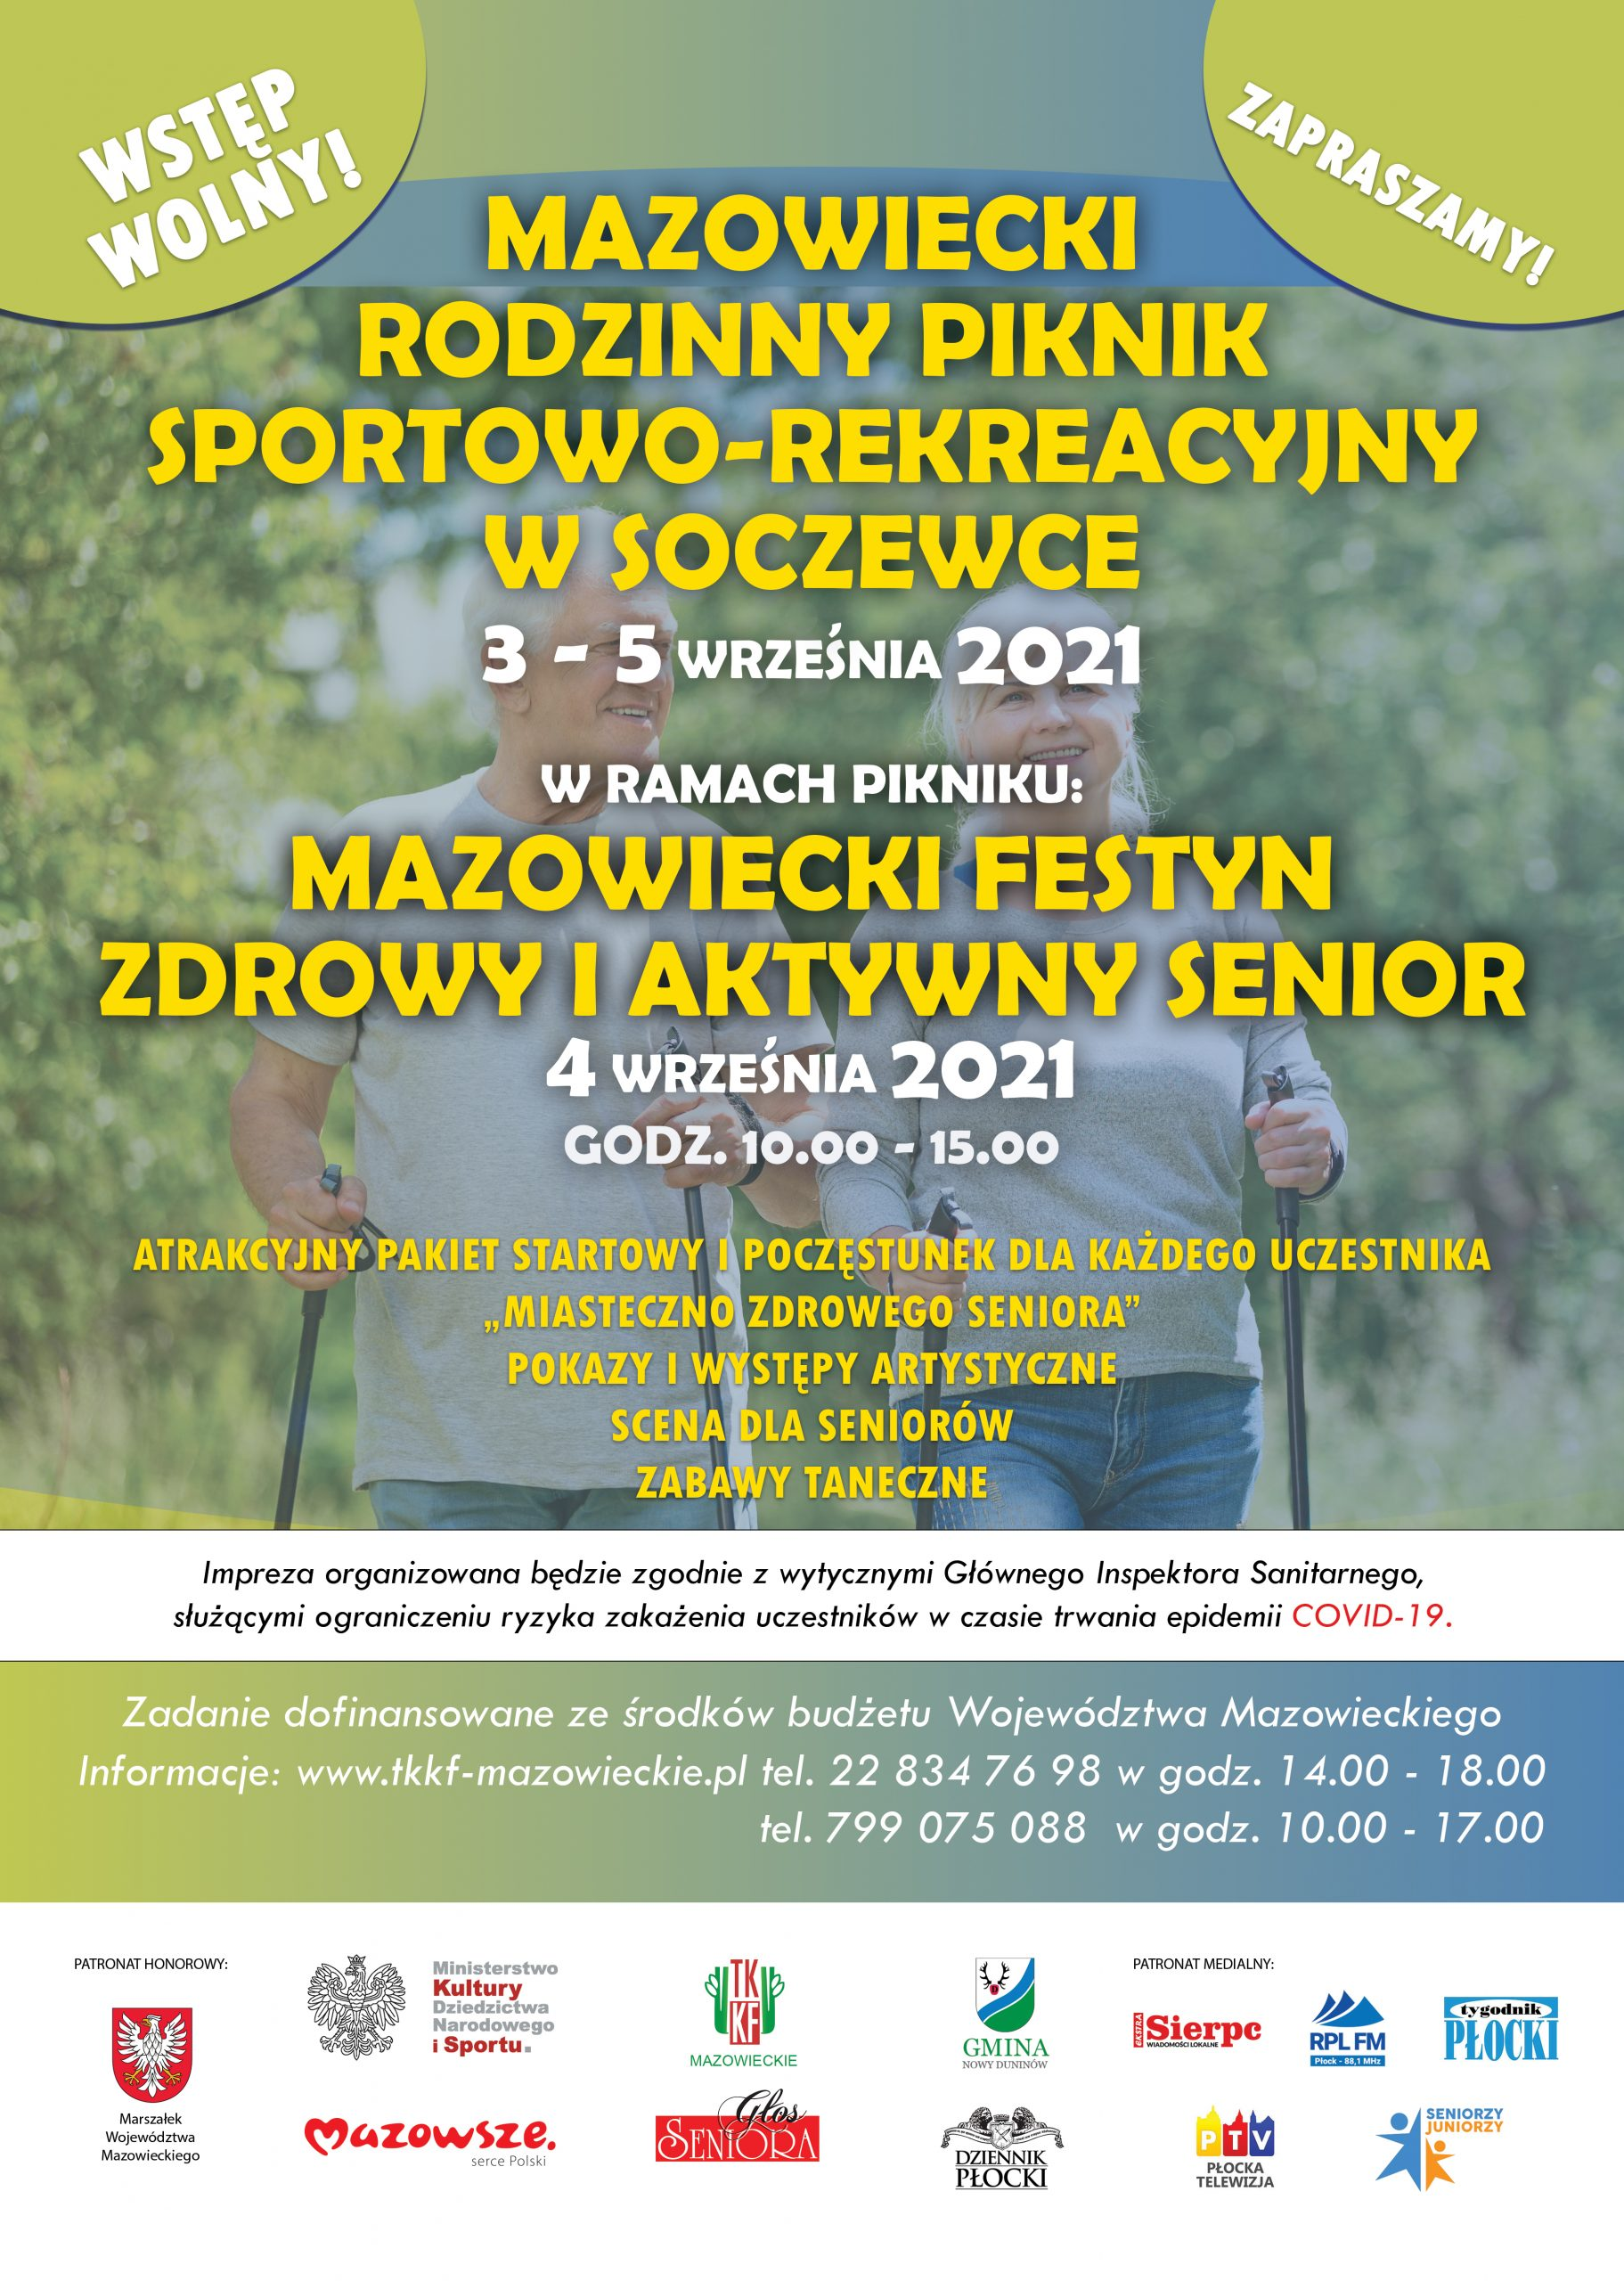 """MAZOWIECKI FESTYN """"ZDROWY i AKTYWNY SENIOR"""" SOCZEWKA  4 września 2021 r."""